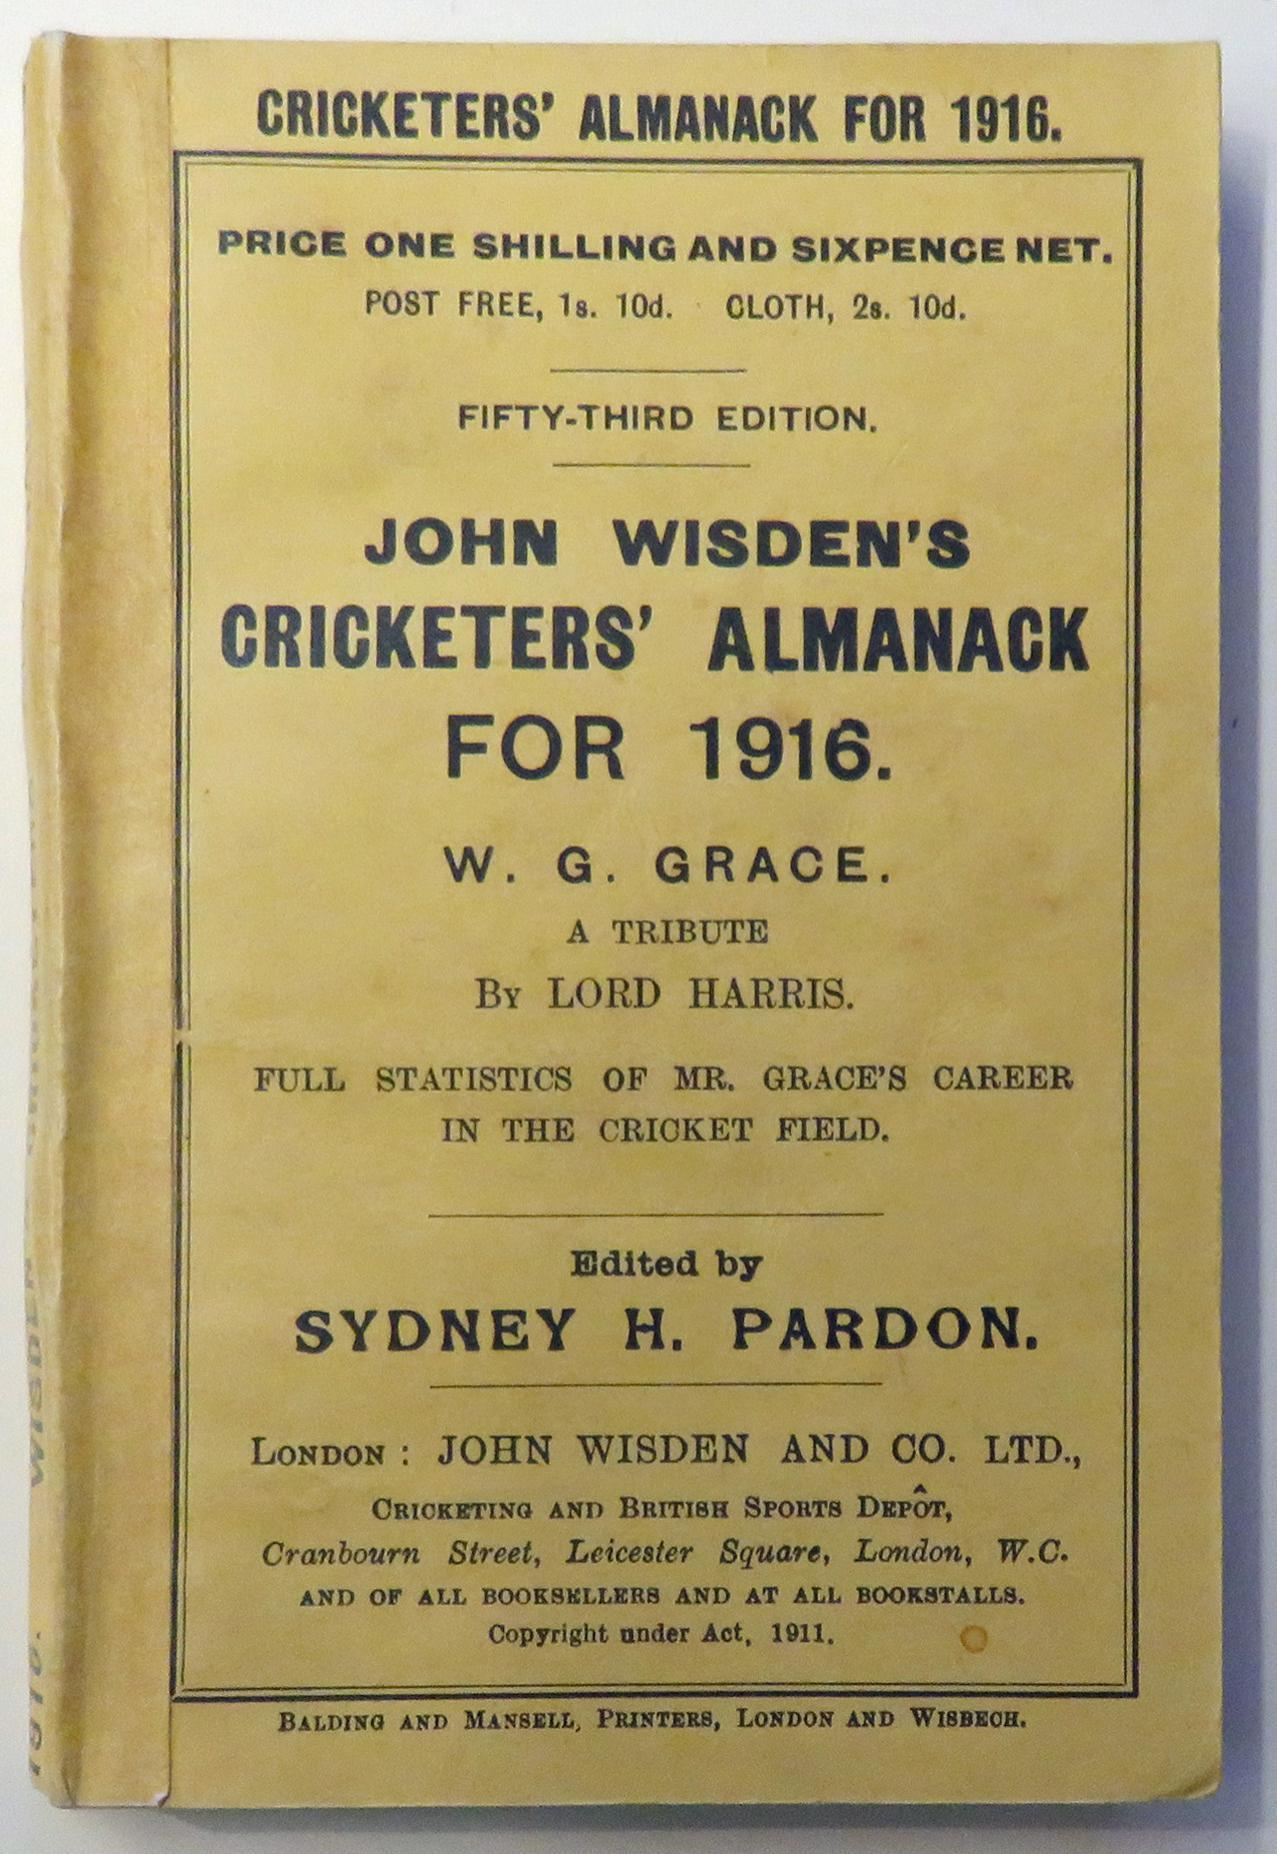 **John Wisden's Cricketers' Almanack For 1916